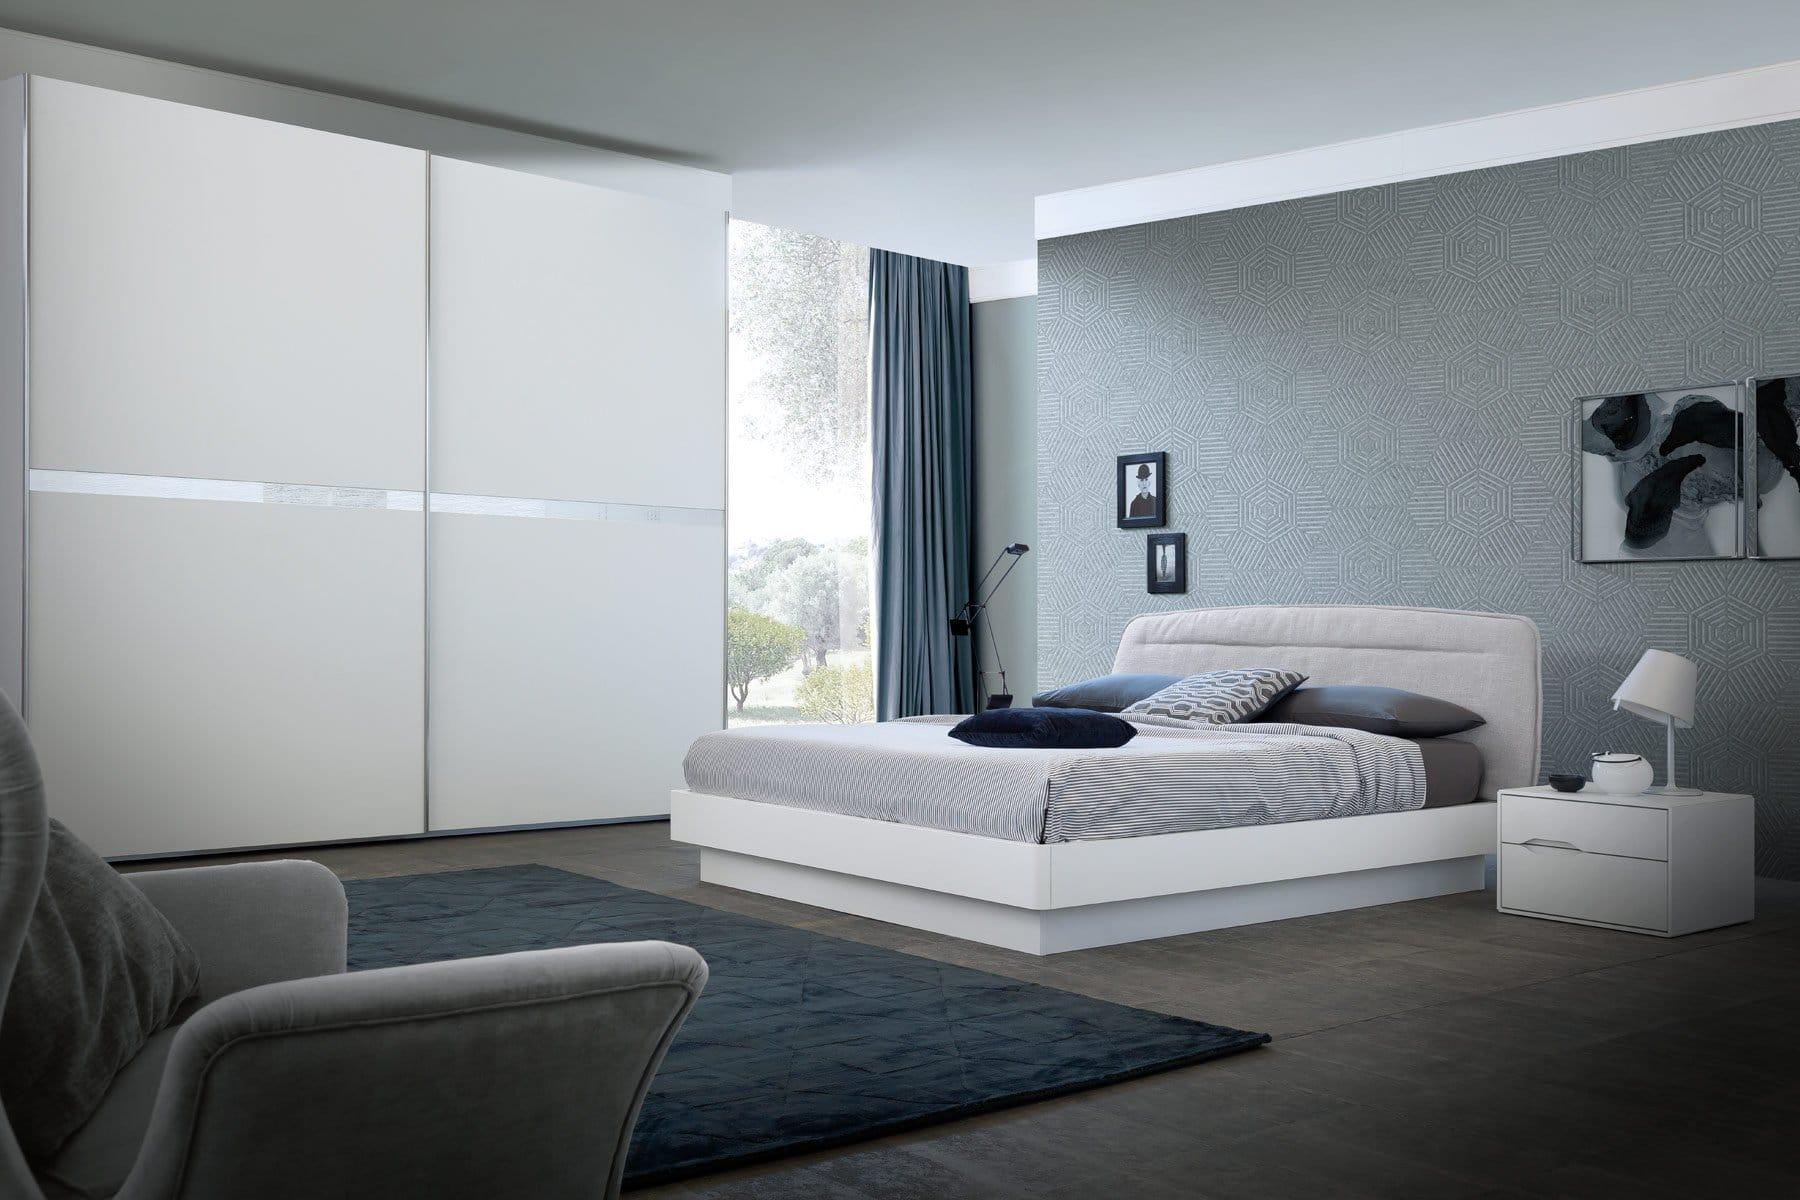 Camera da letto con armadio scorrevole Modello Parigina